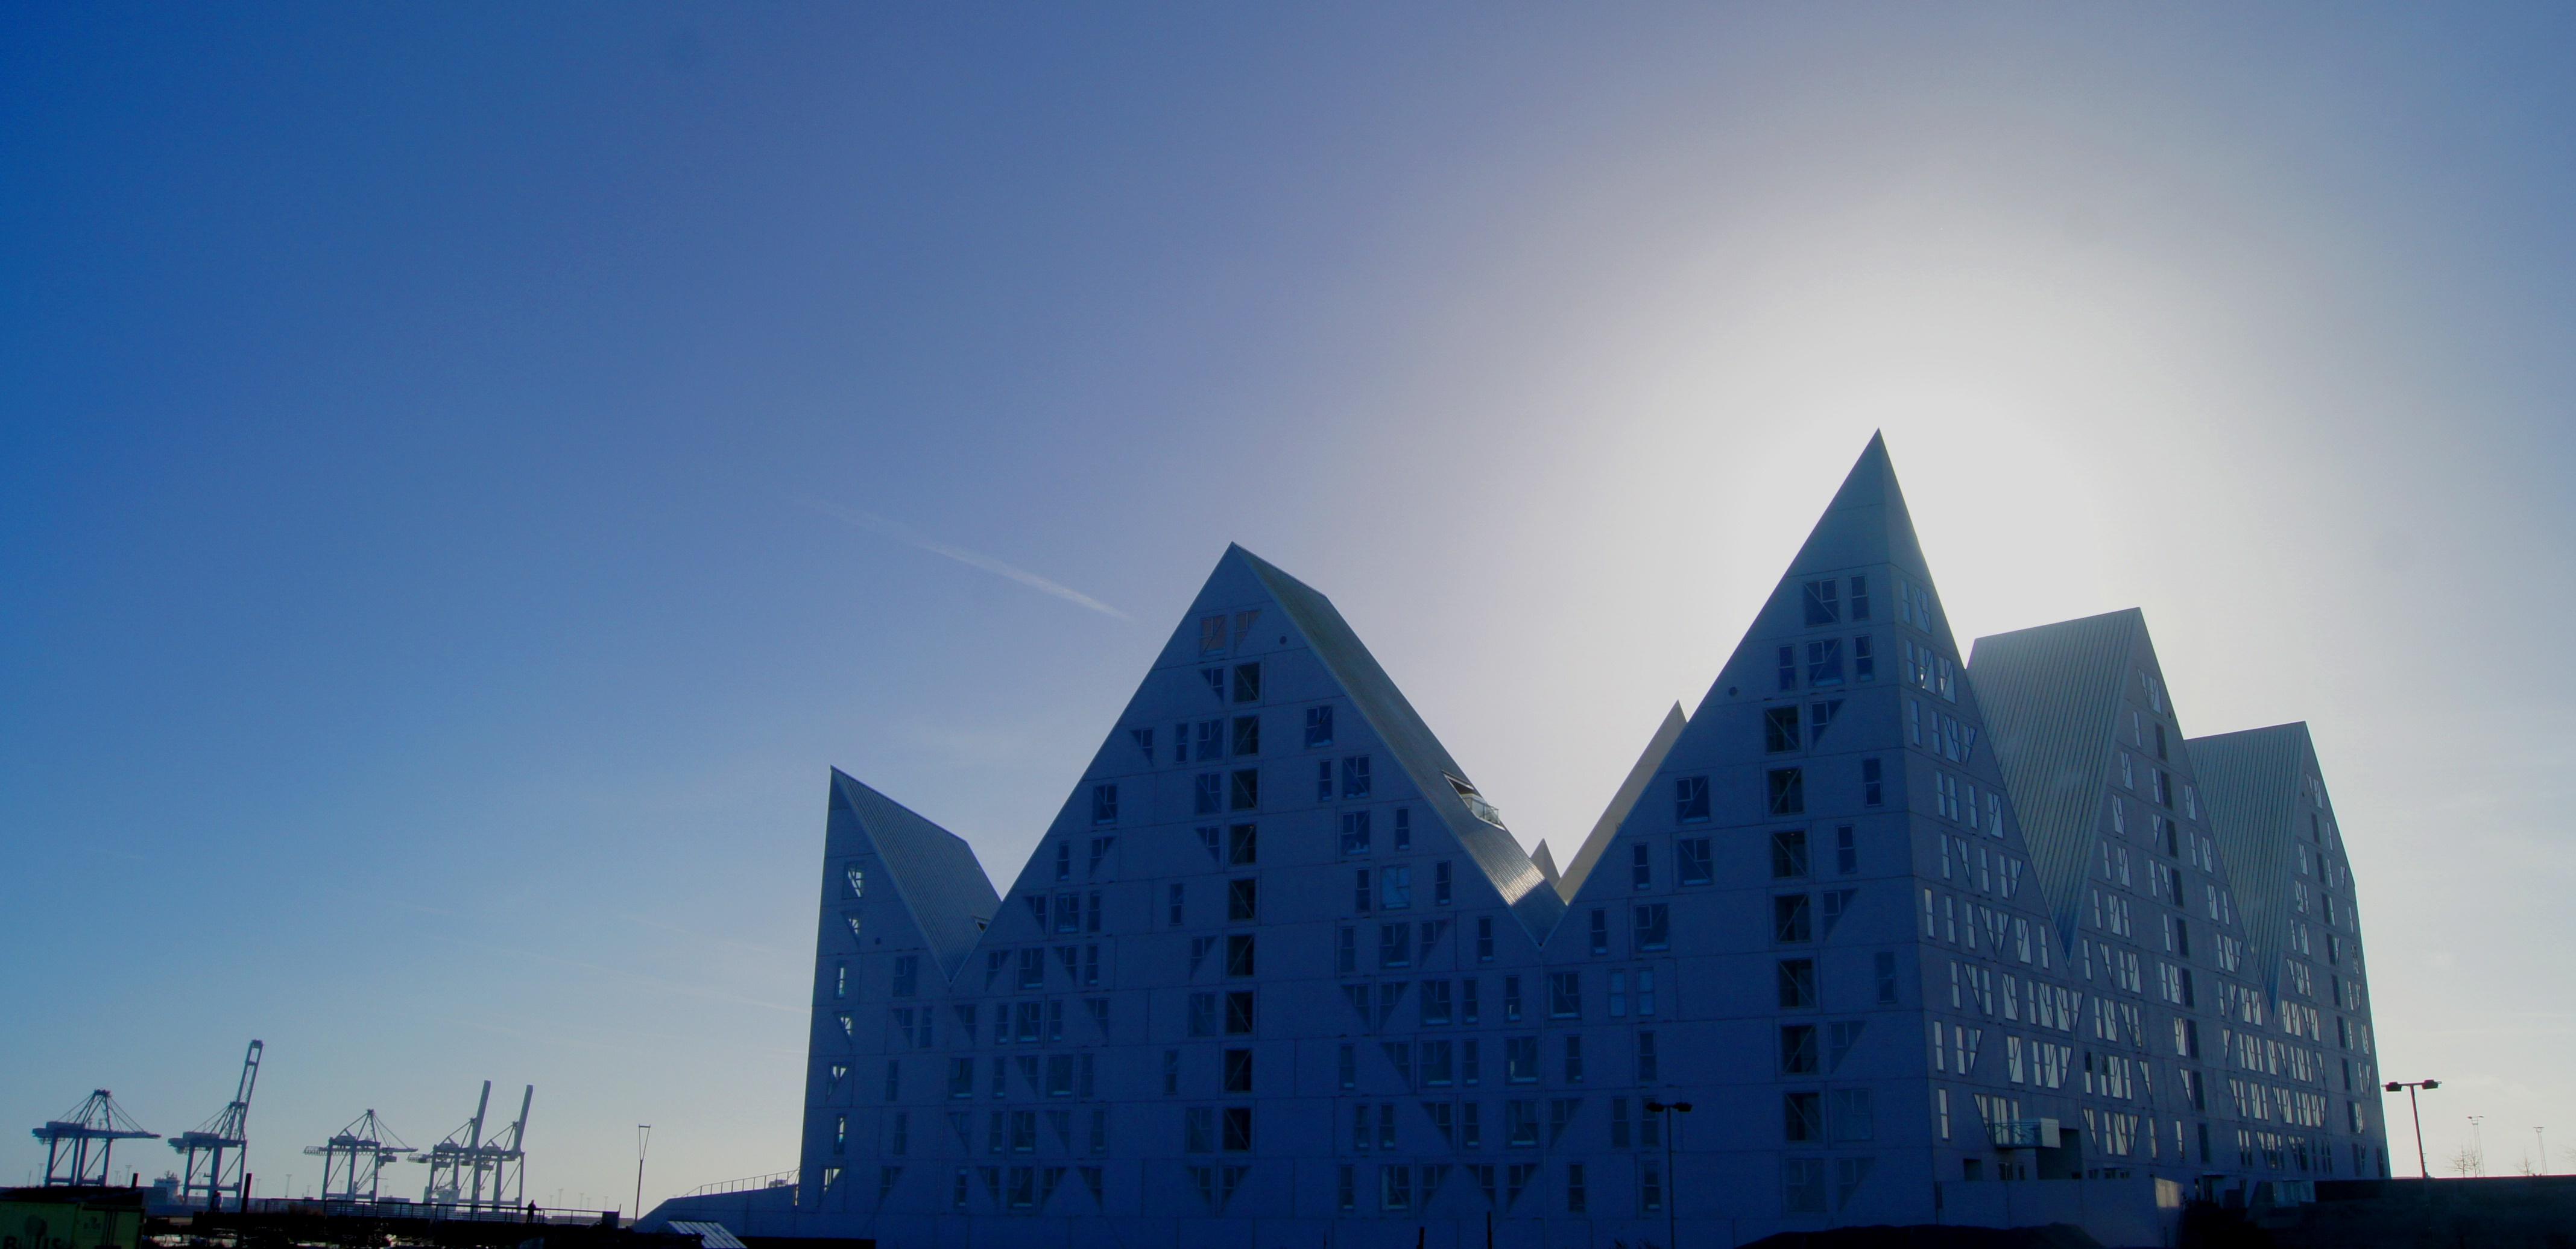 Afternoon Iceberg